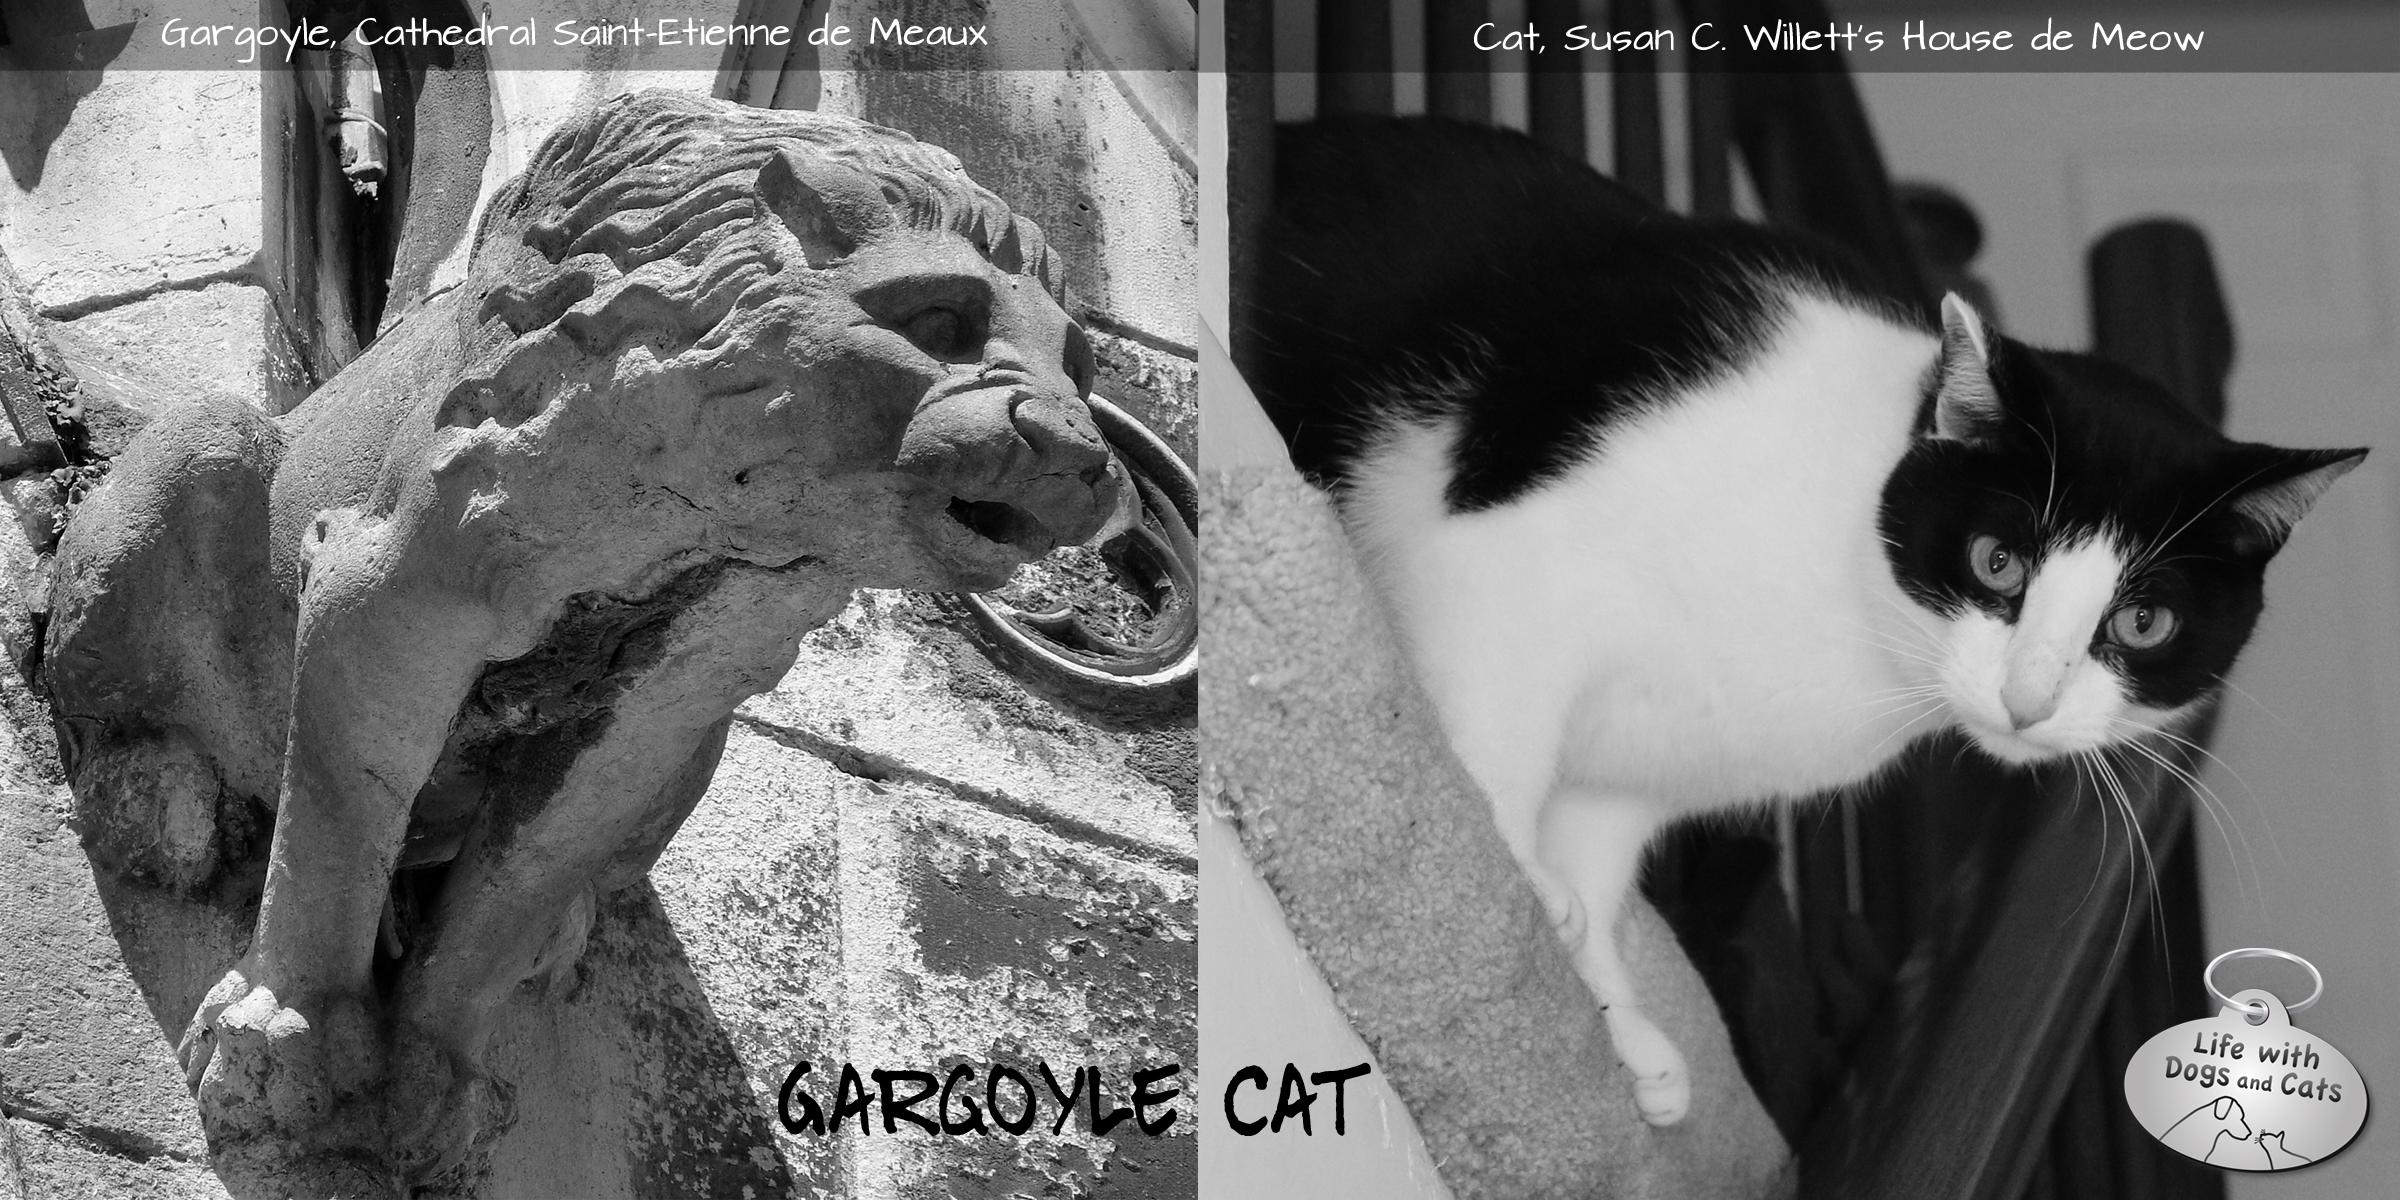 Cat imitating art gargoyle